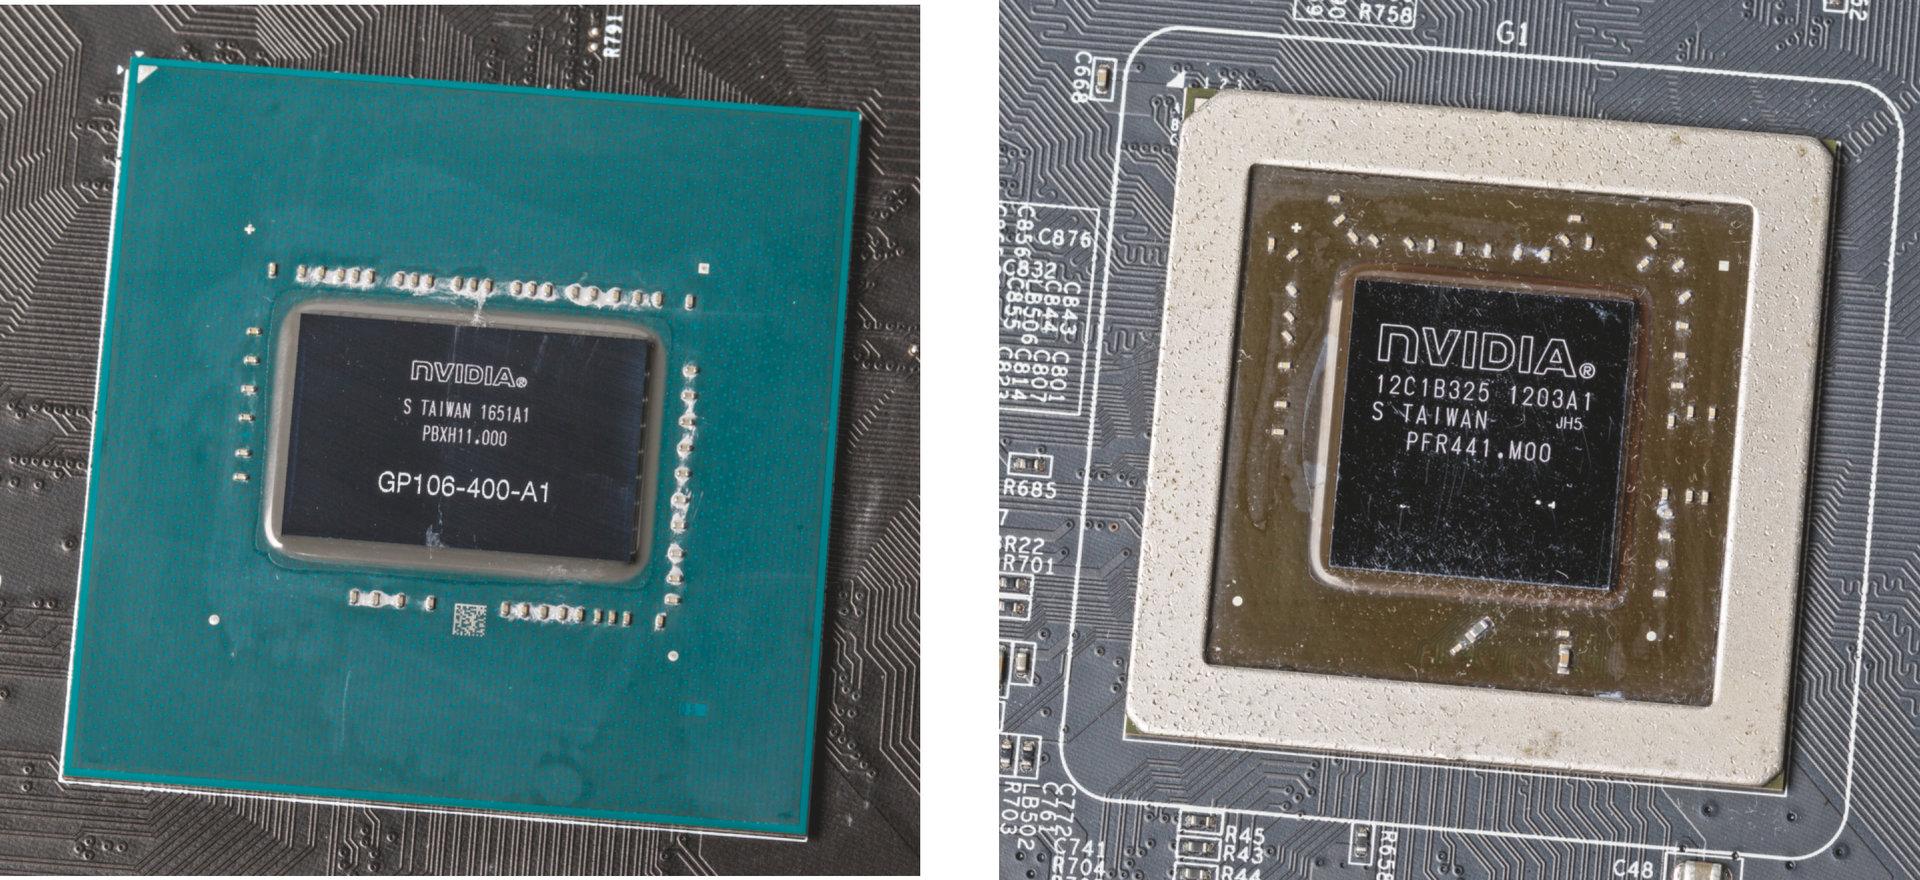 Die Beschriftung der verwendeten Fermi-GPU (rechts) wurde abgeschliffen